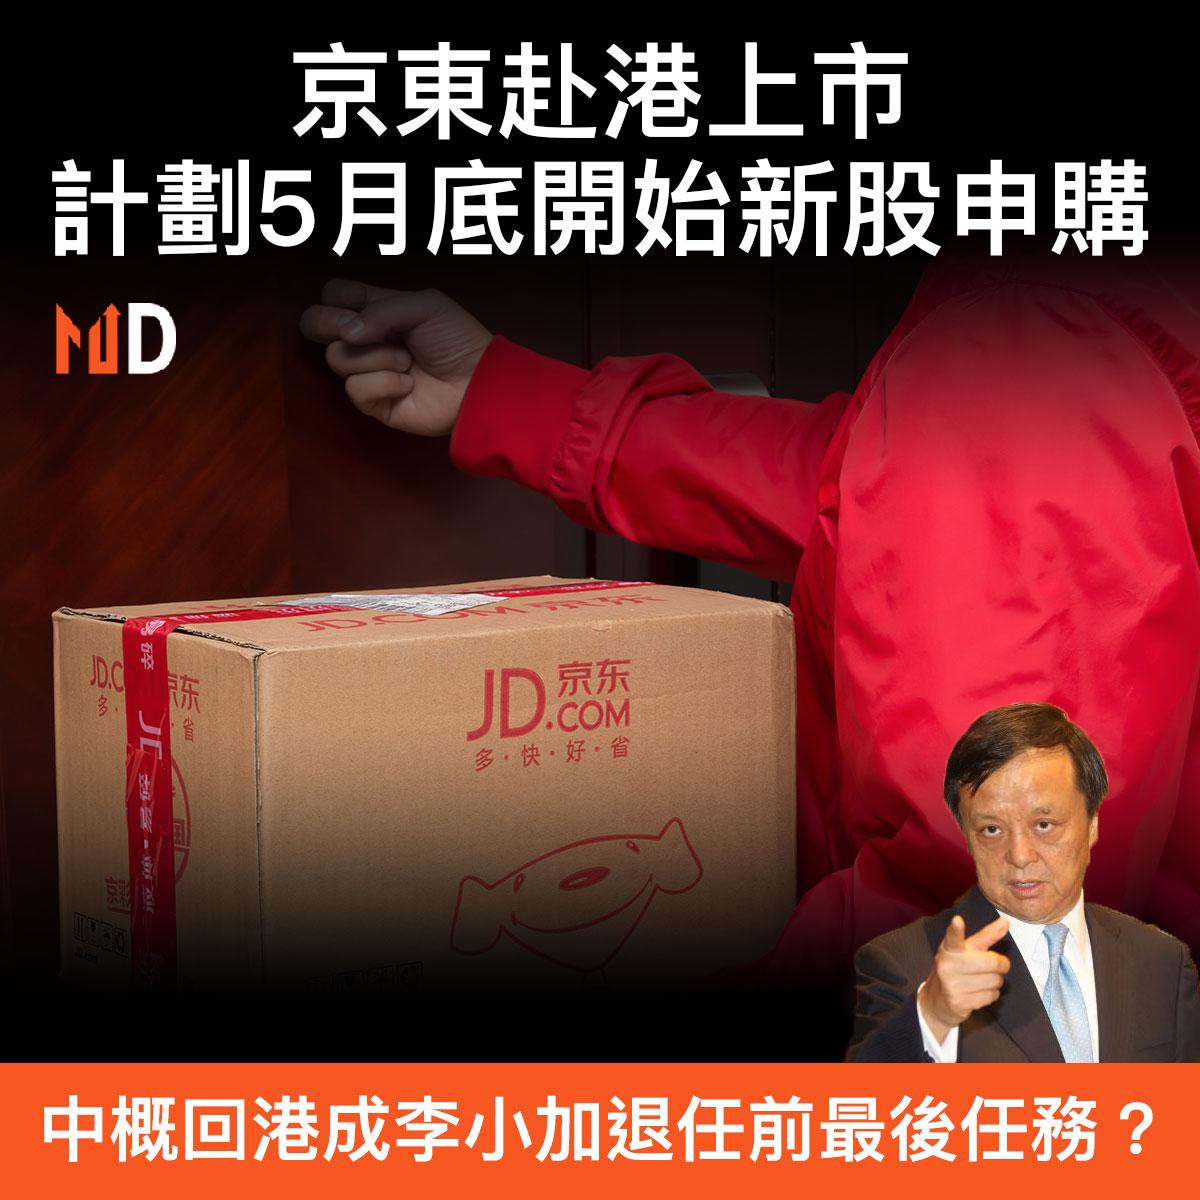 【市場熱話】京東赴港上市計劃5月底開始新股申購